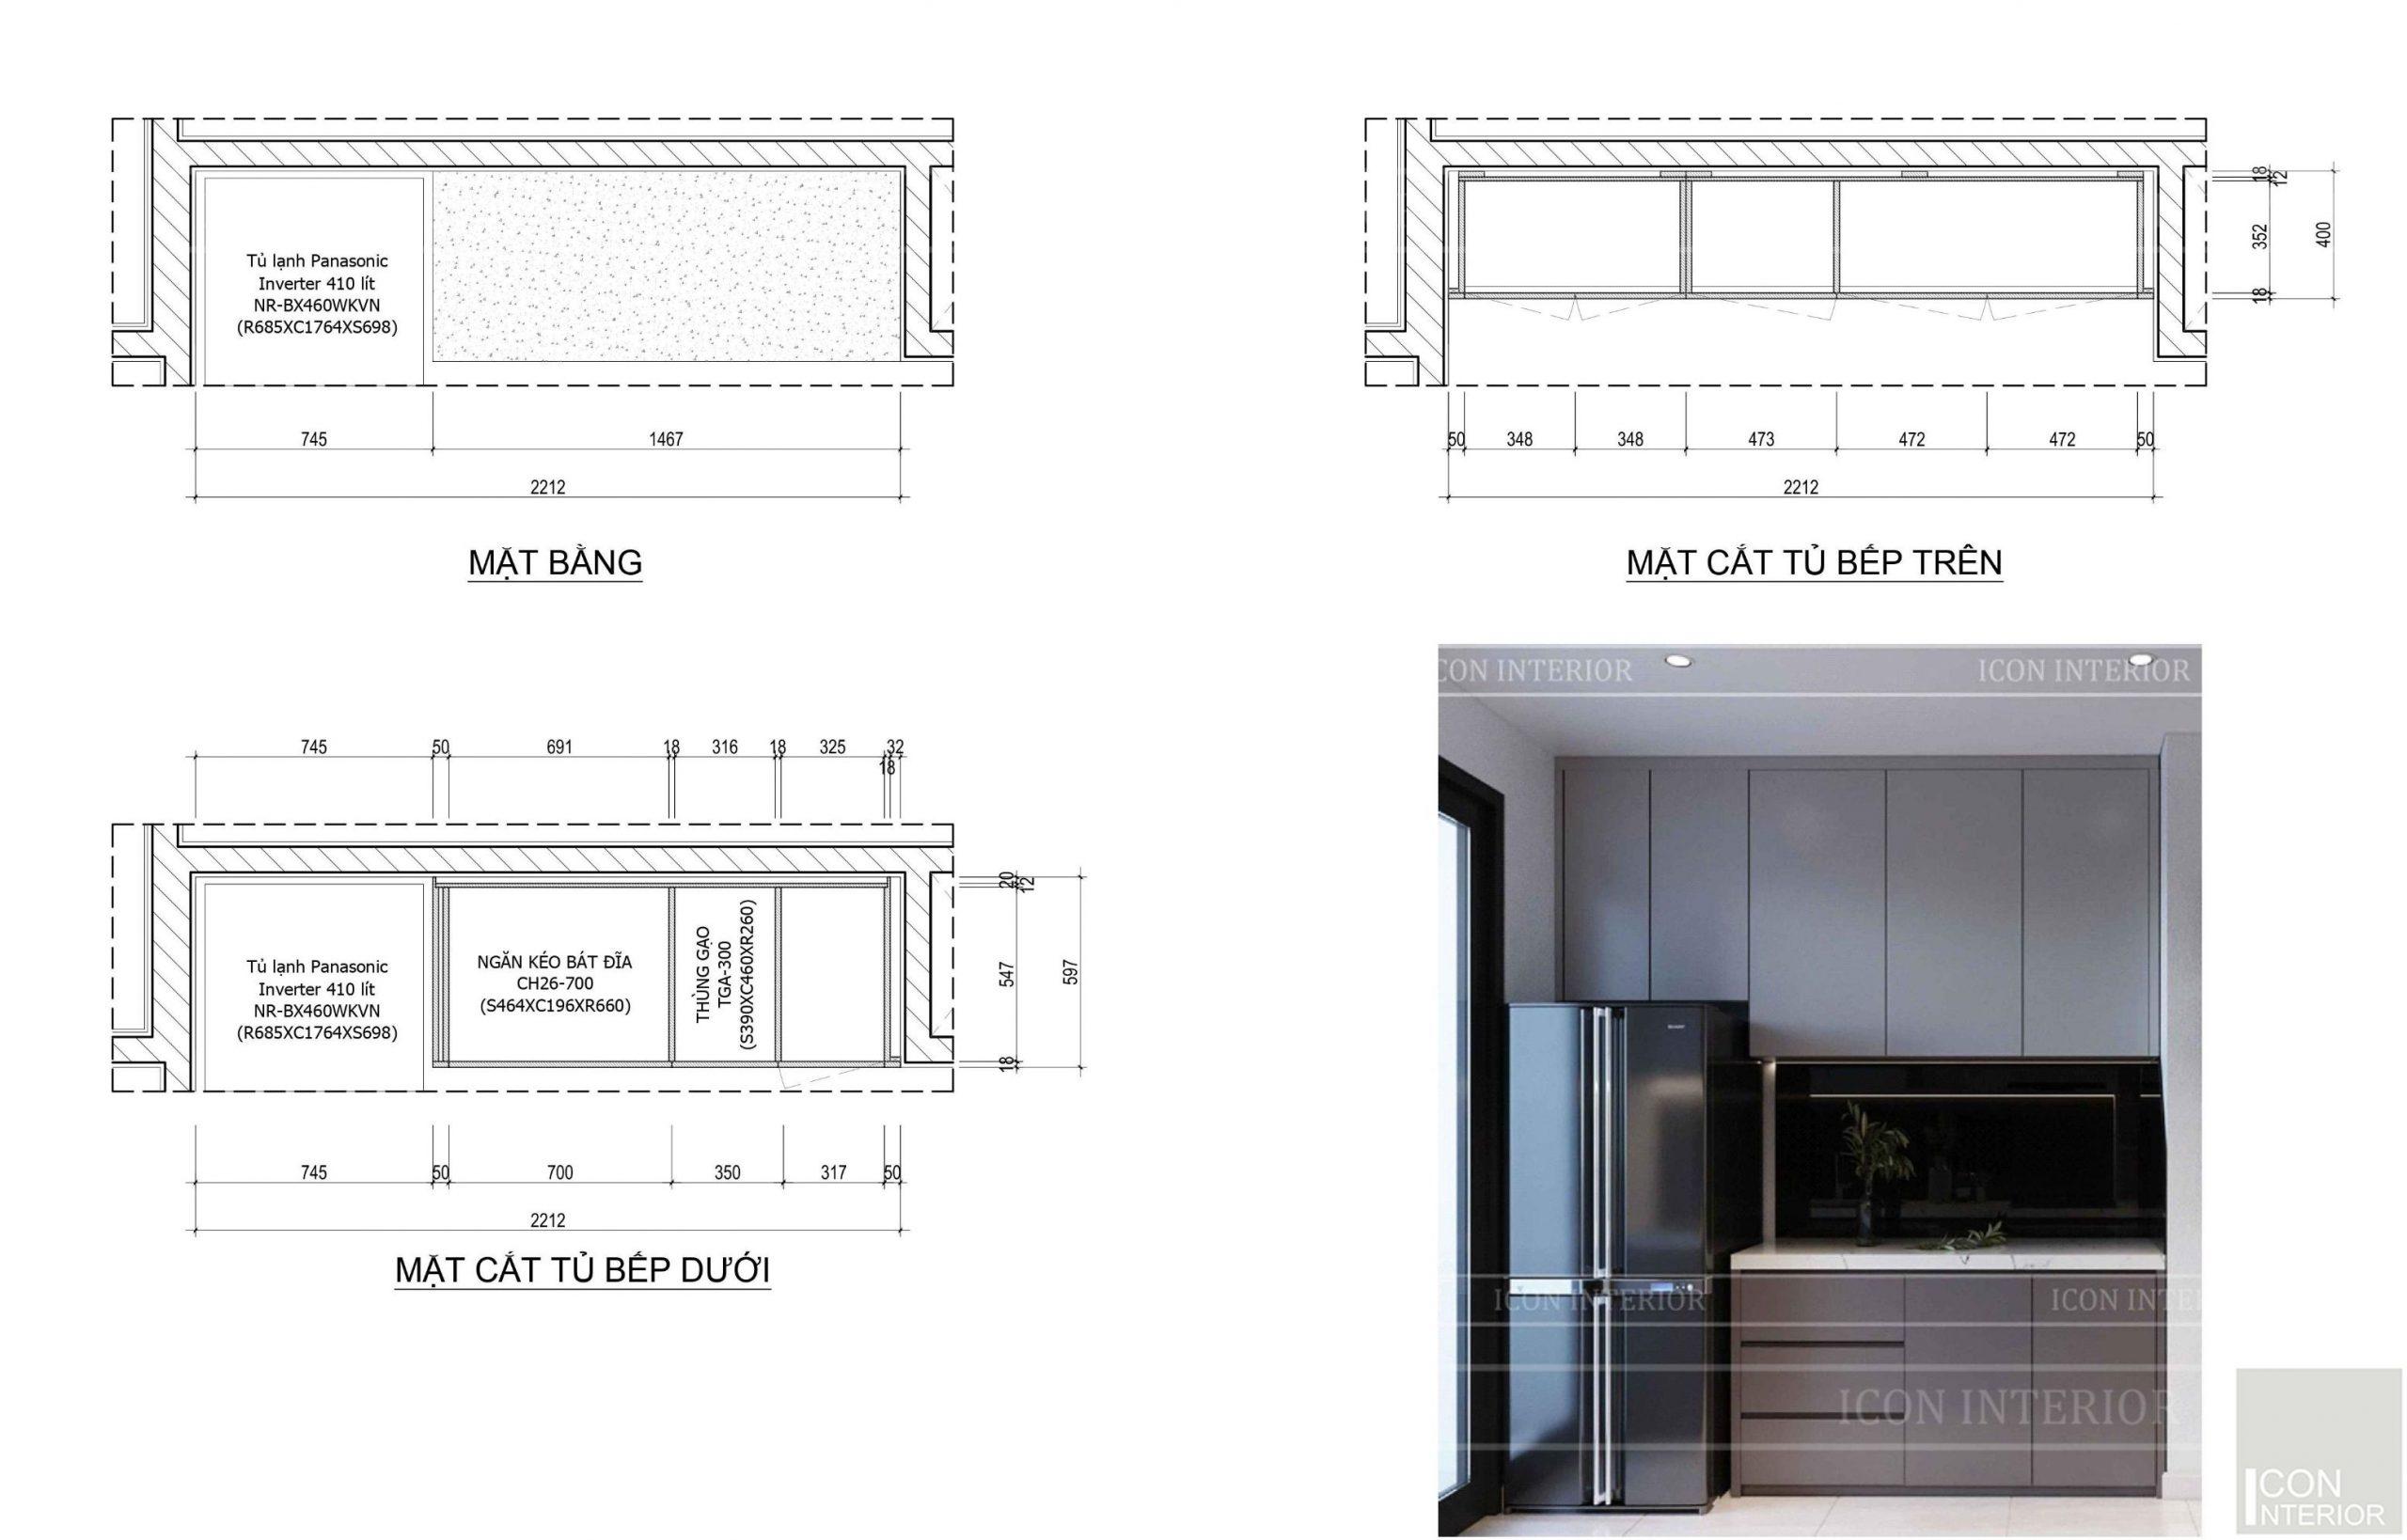 Kích thước tiêu chuẩn của đồ nội thất 4